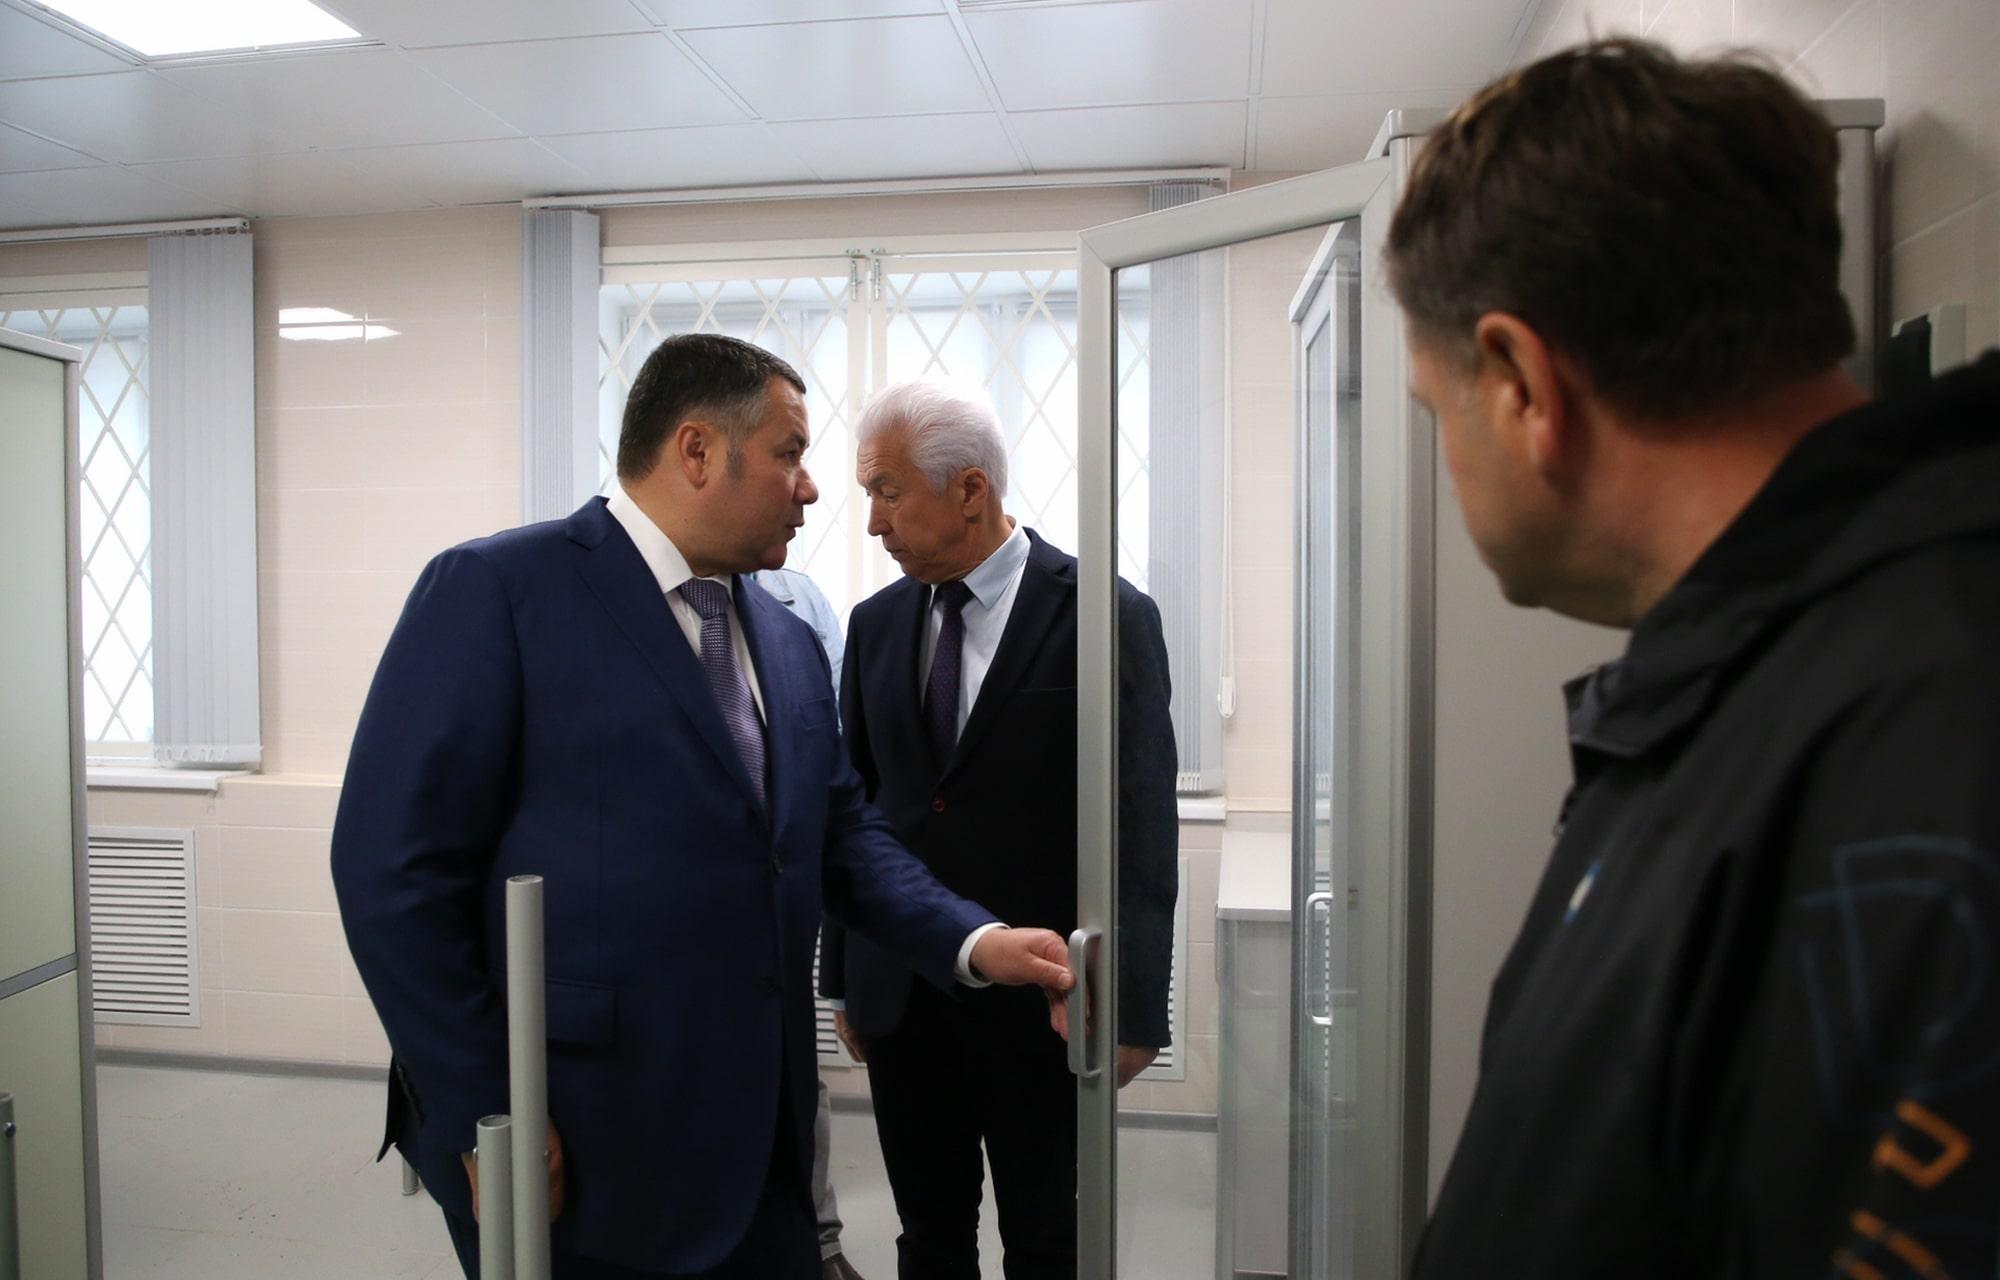 Ремонт Ржевской станции скорой медицинской помощи должны закончить в сентябре